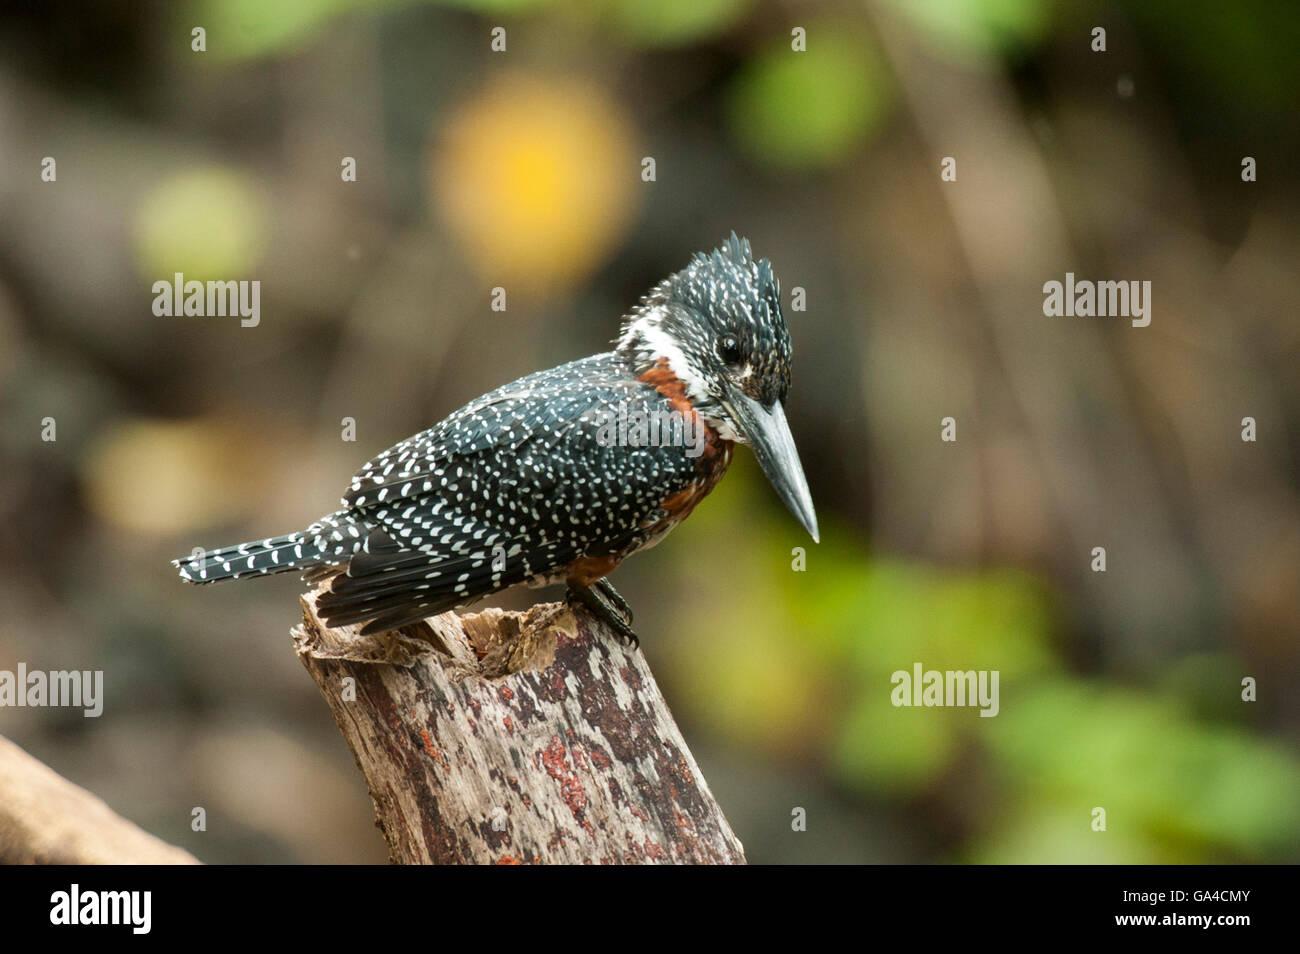 Giant Kingfisher (Megaceryle maxima), Lake Manyara National Park, Tanzania - Stock Image